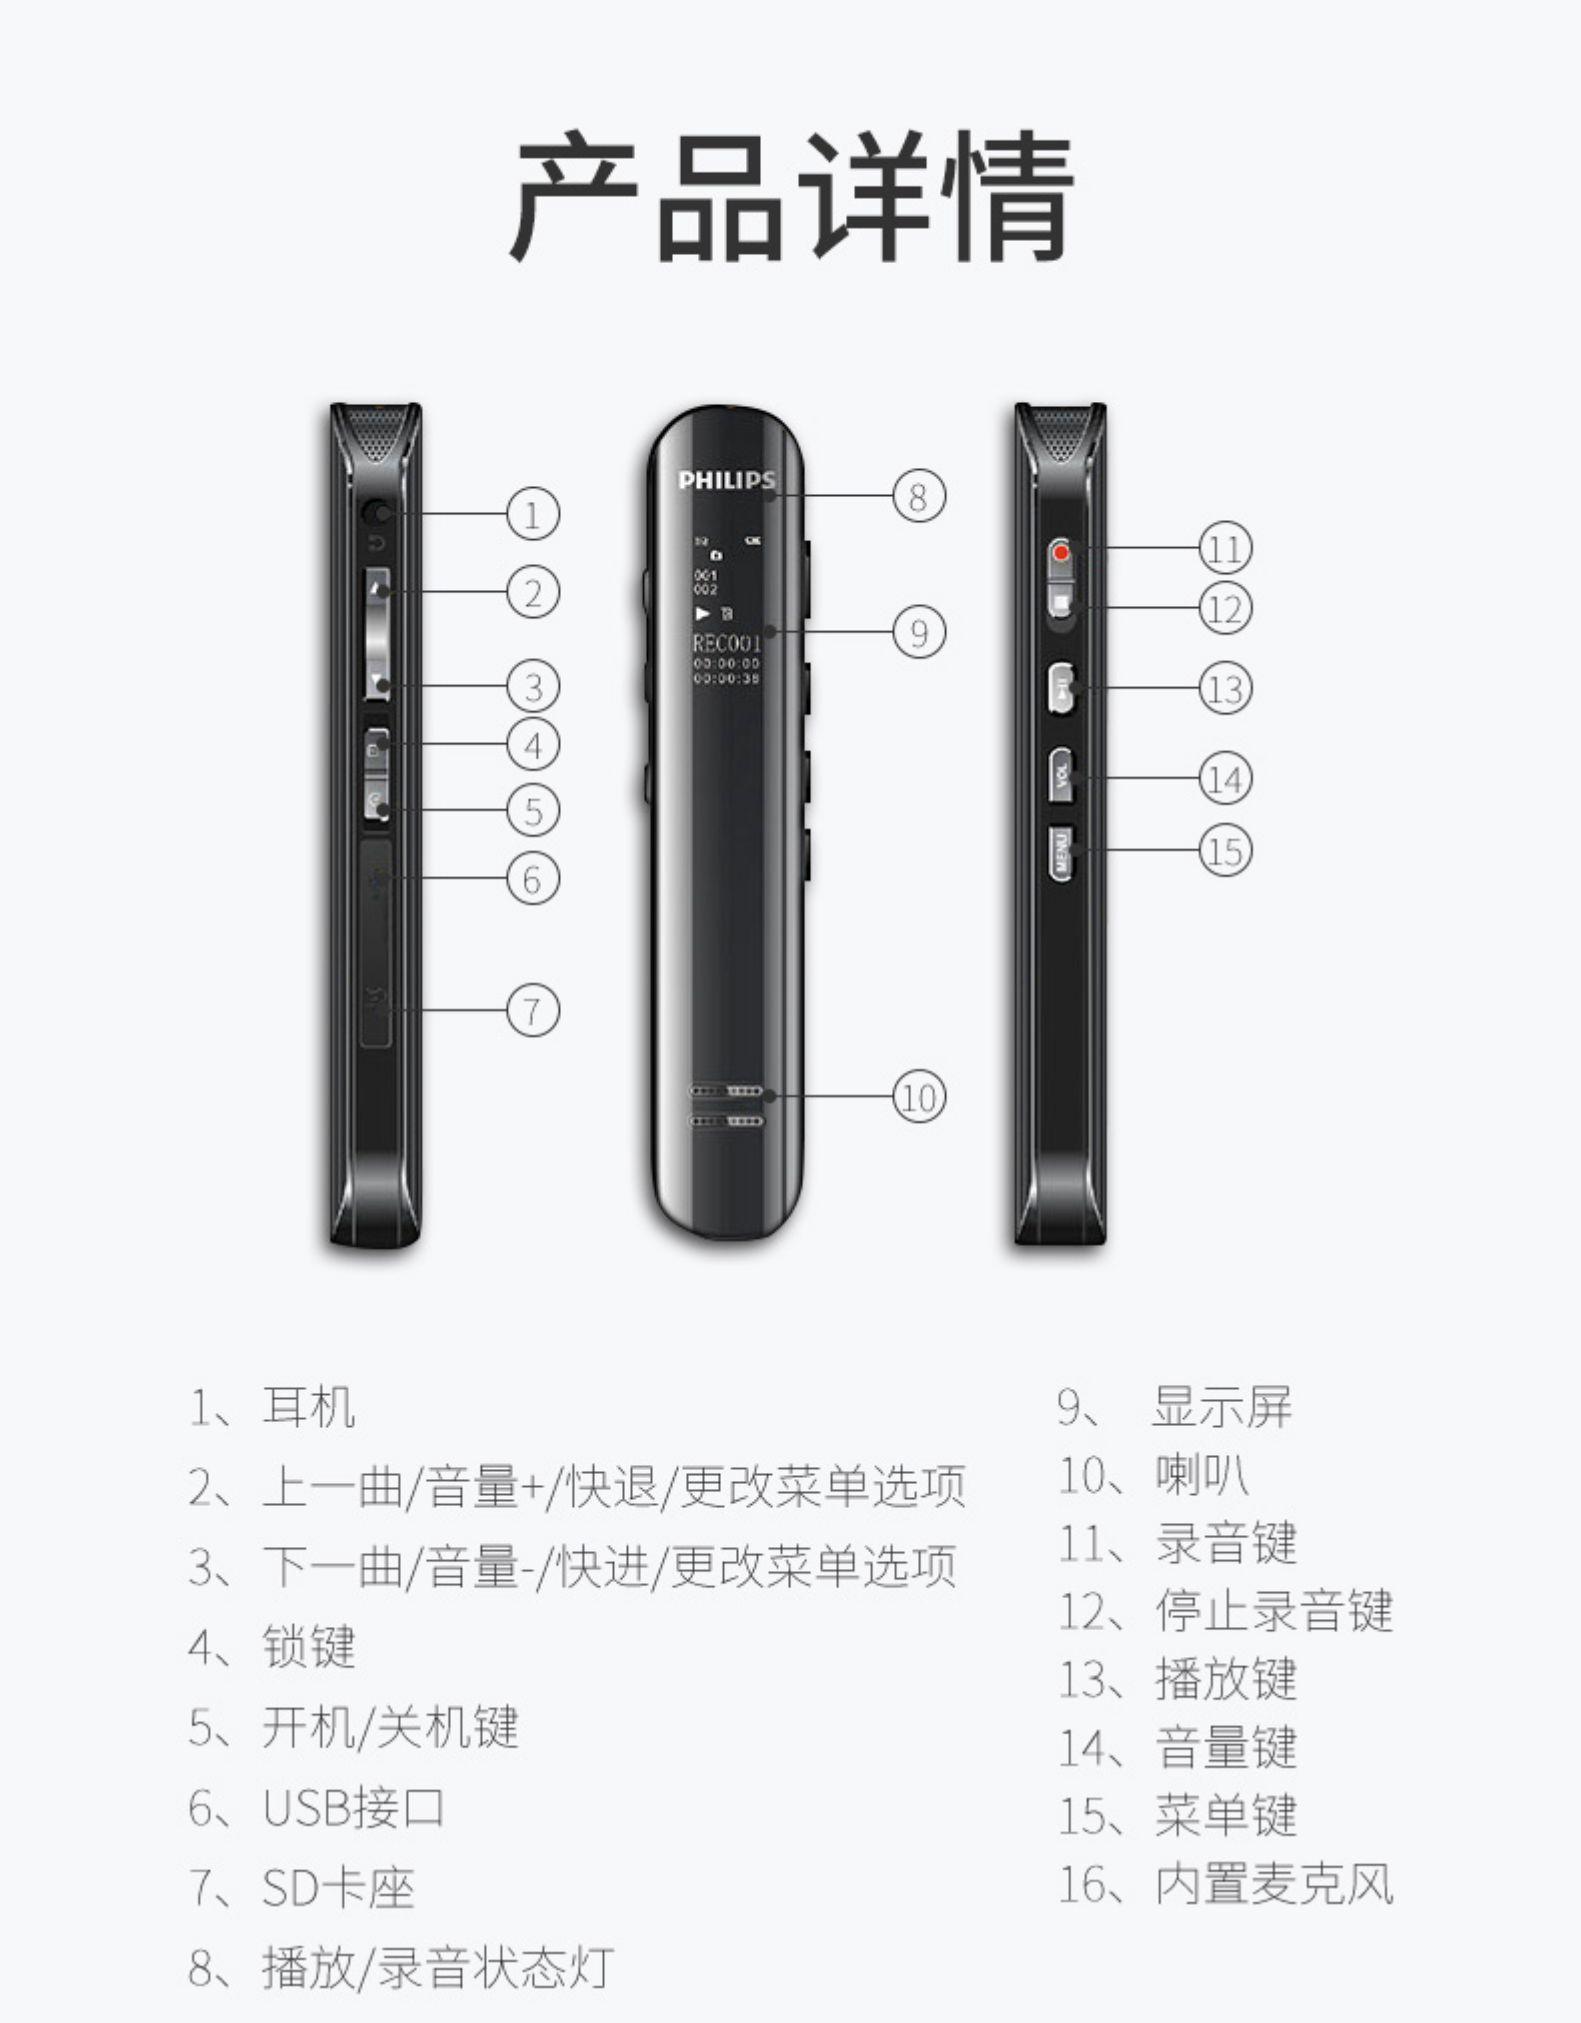 飞利浦vtr5200录音笔评测